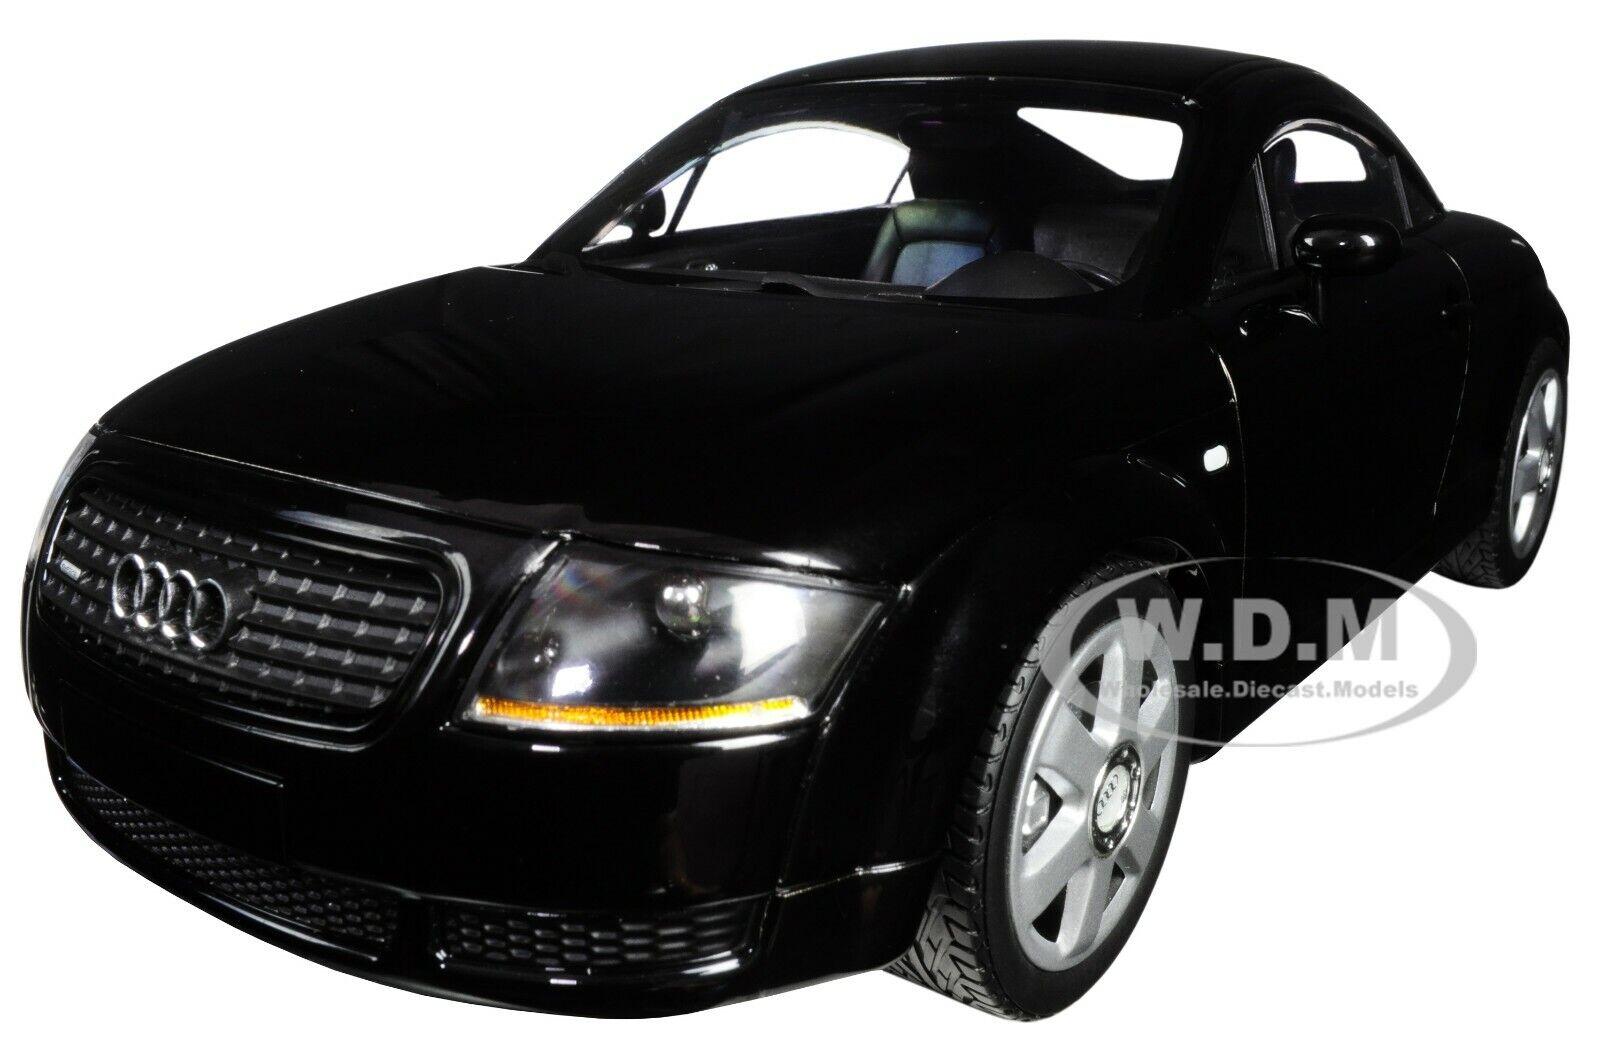 AUDI TT 1998 coupé noir LIMITED ED 300 pieces 1 18 Diecast voiture par Minichamps 155017021